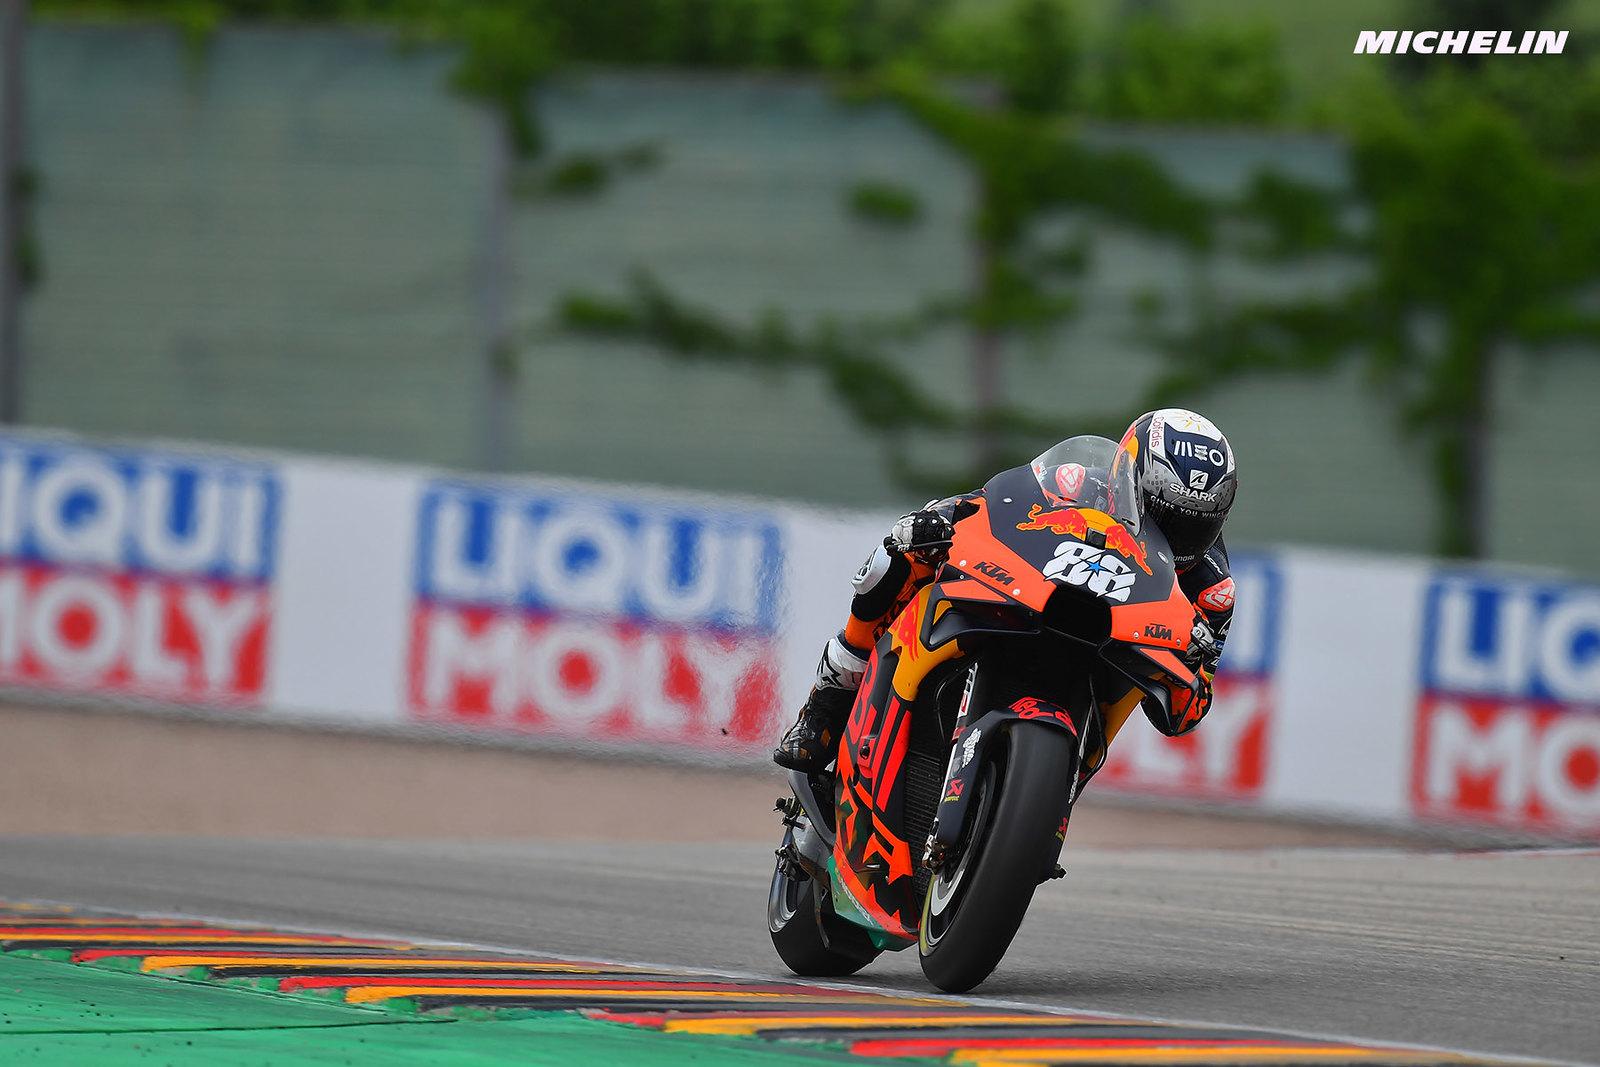 MotoGP2021 ドイツGP2位 ミゲル・オリヴェイラ「雨が降り出した事がレースの結果を決めた」